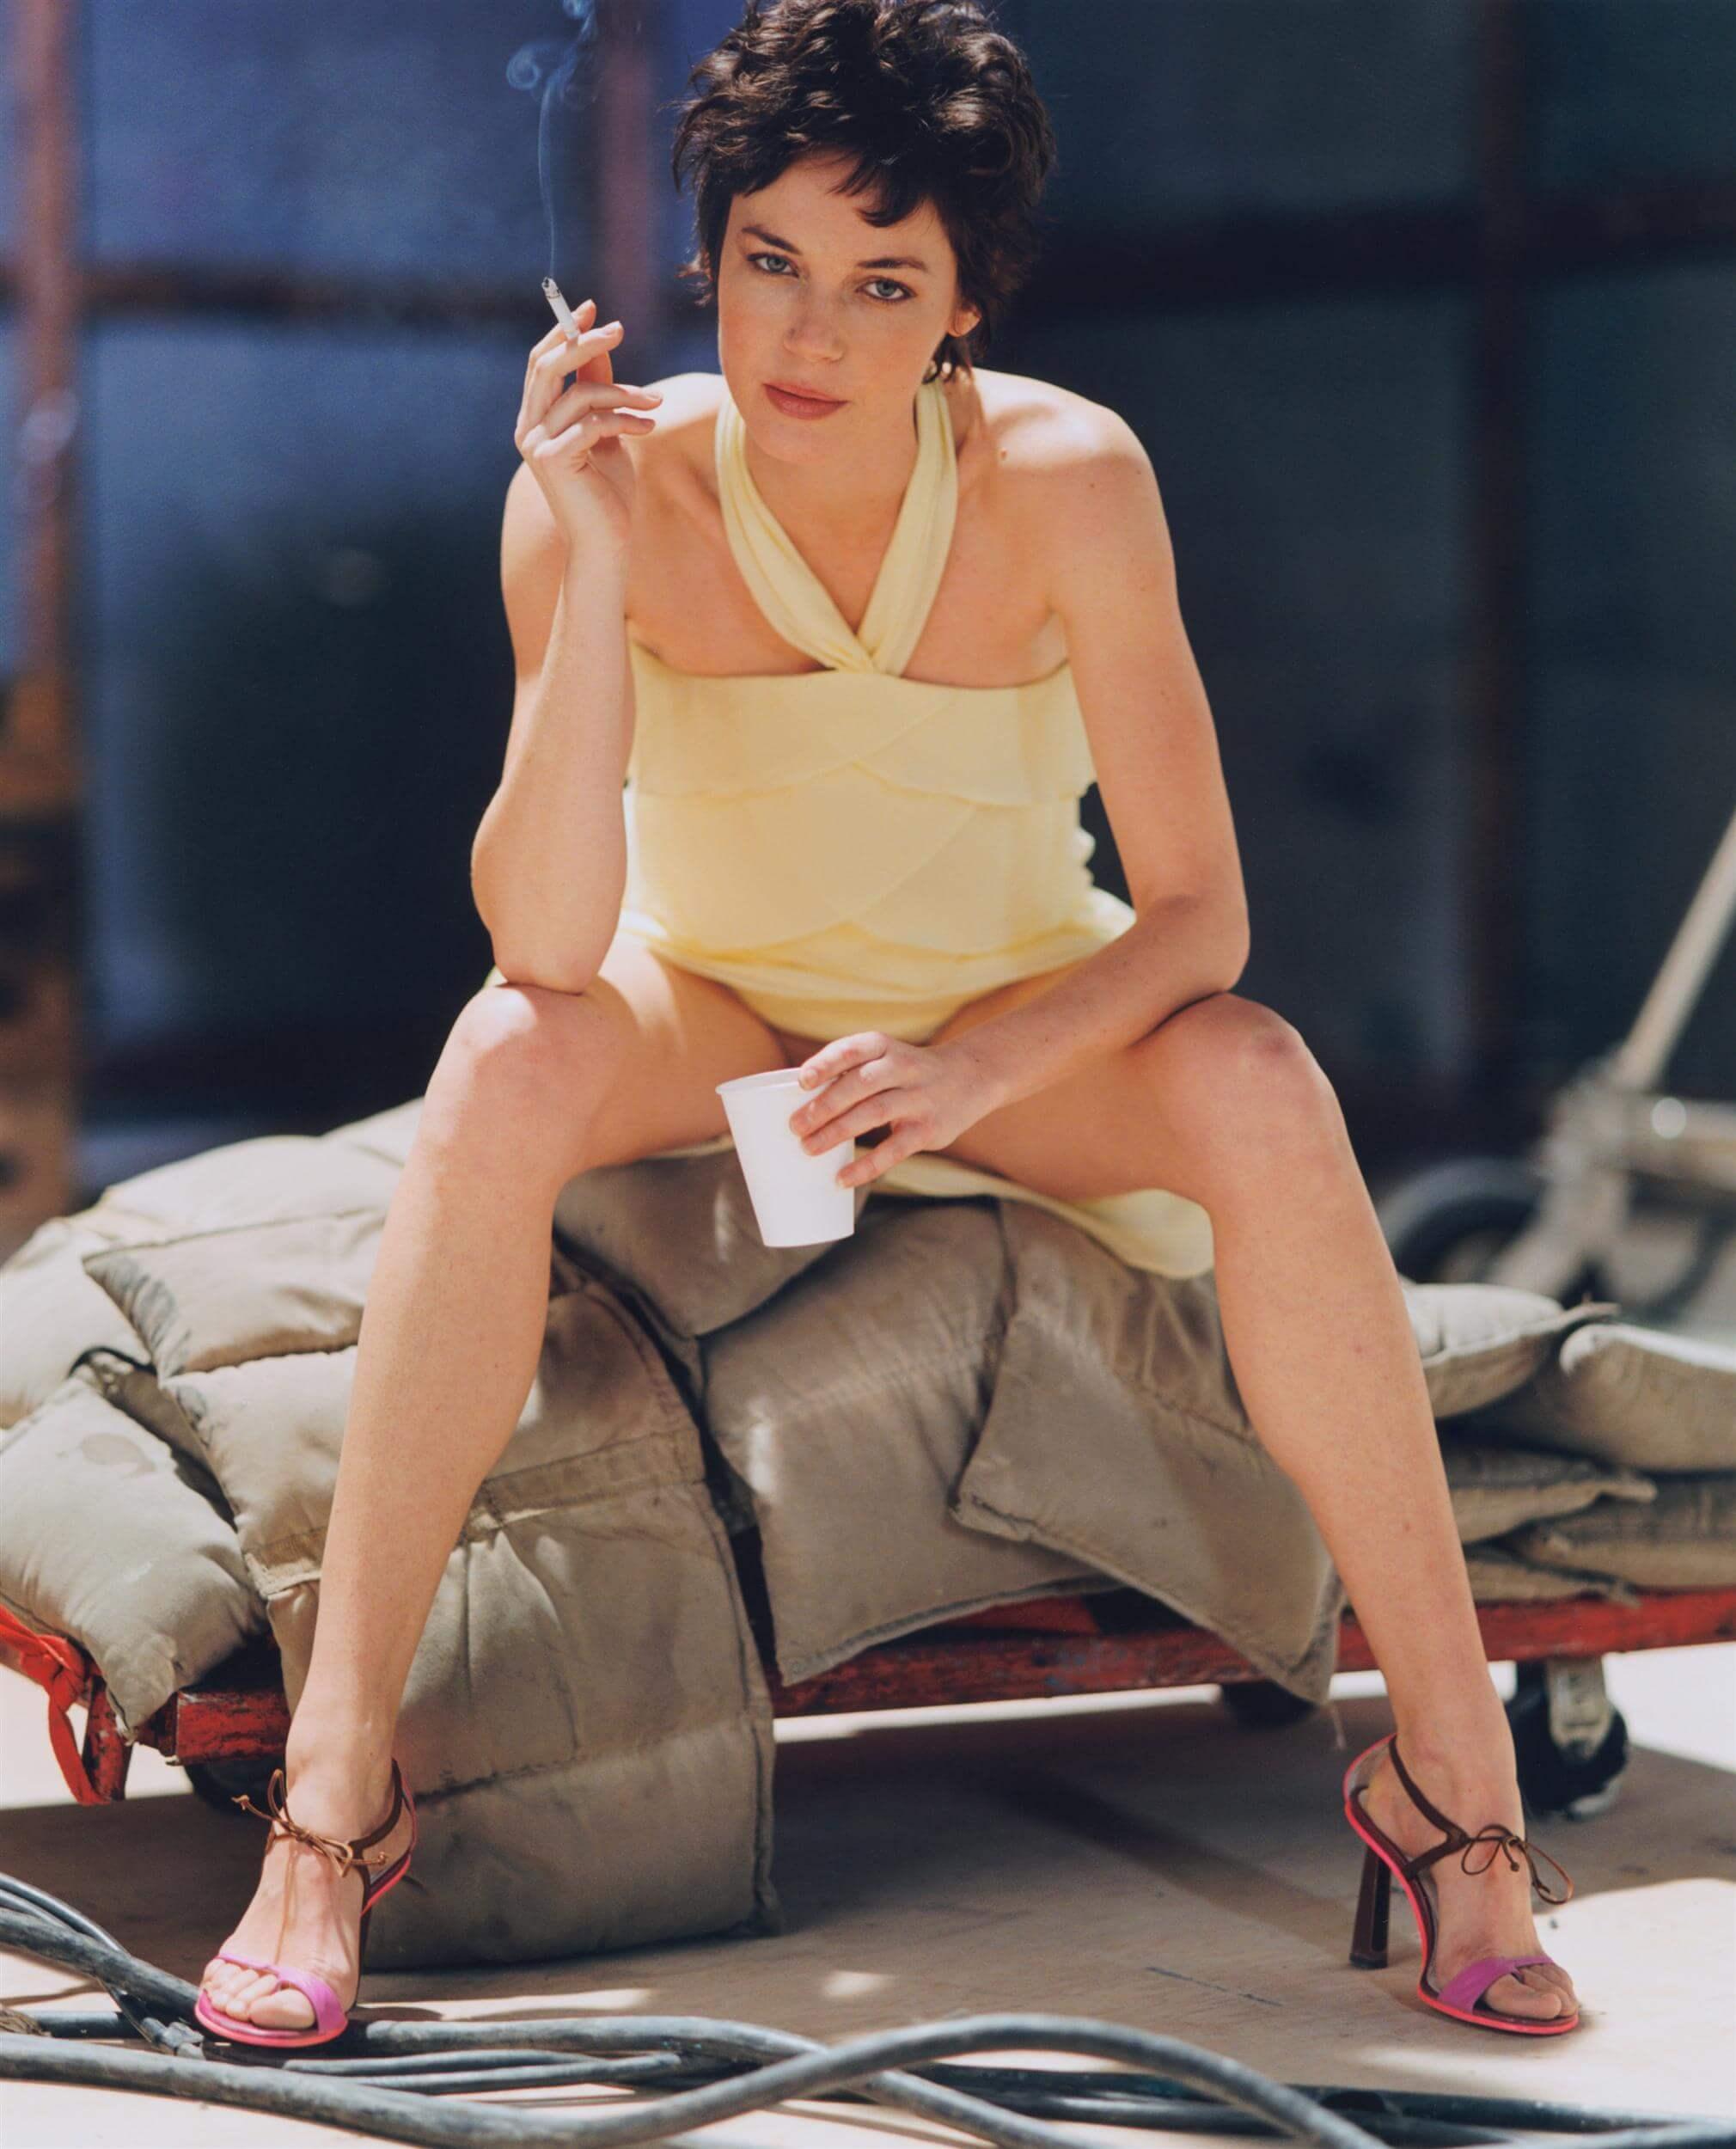 Connie Nielsen hot legs pic